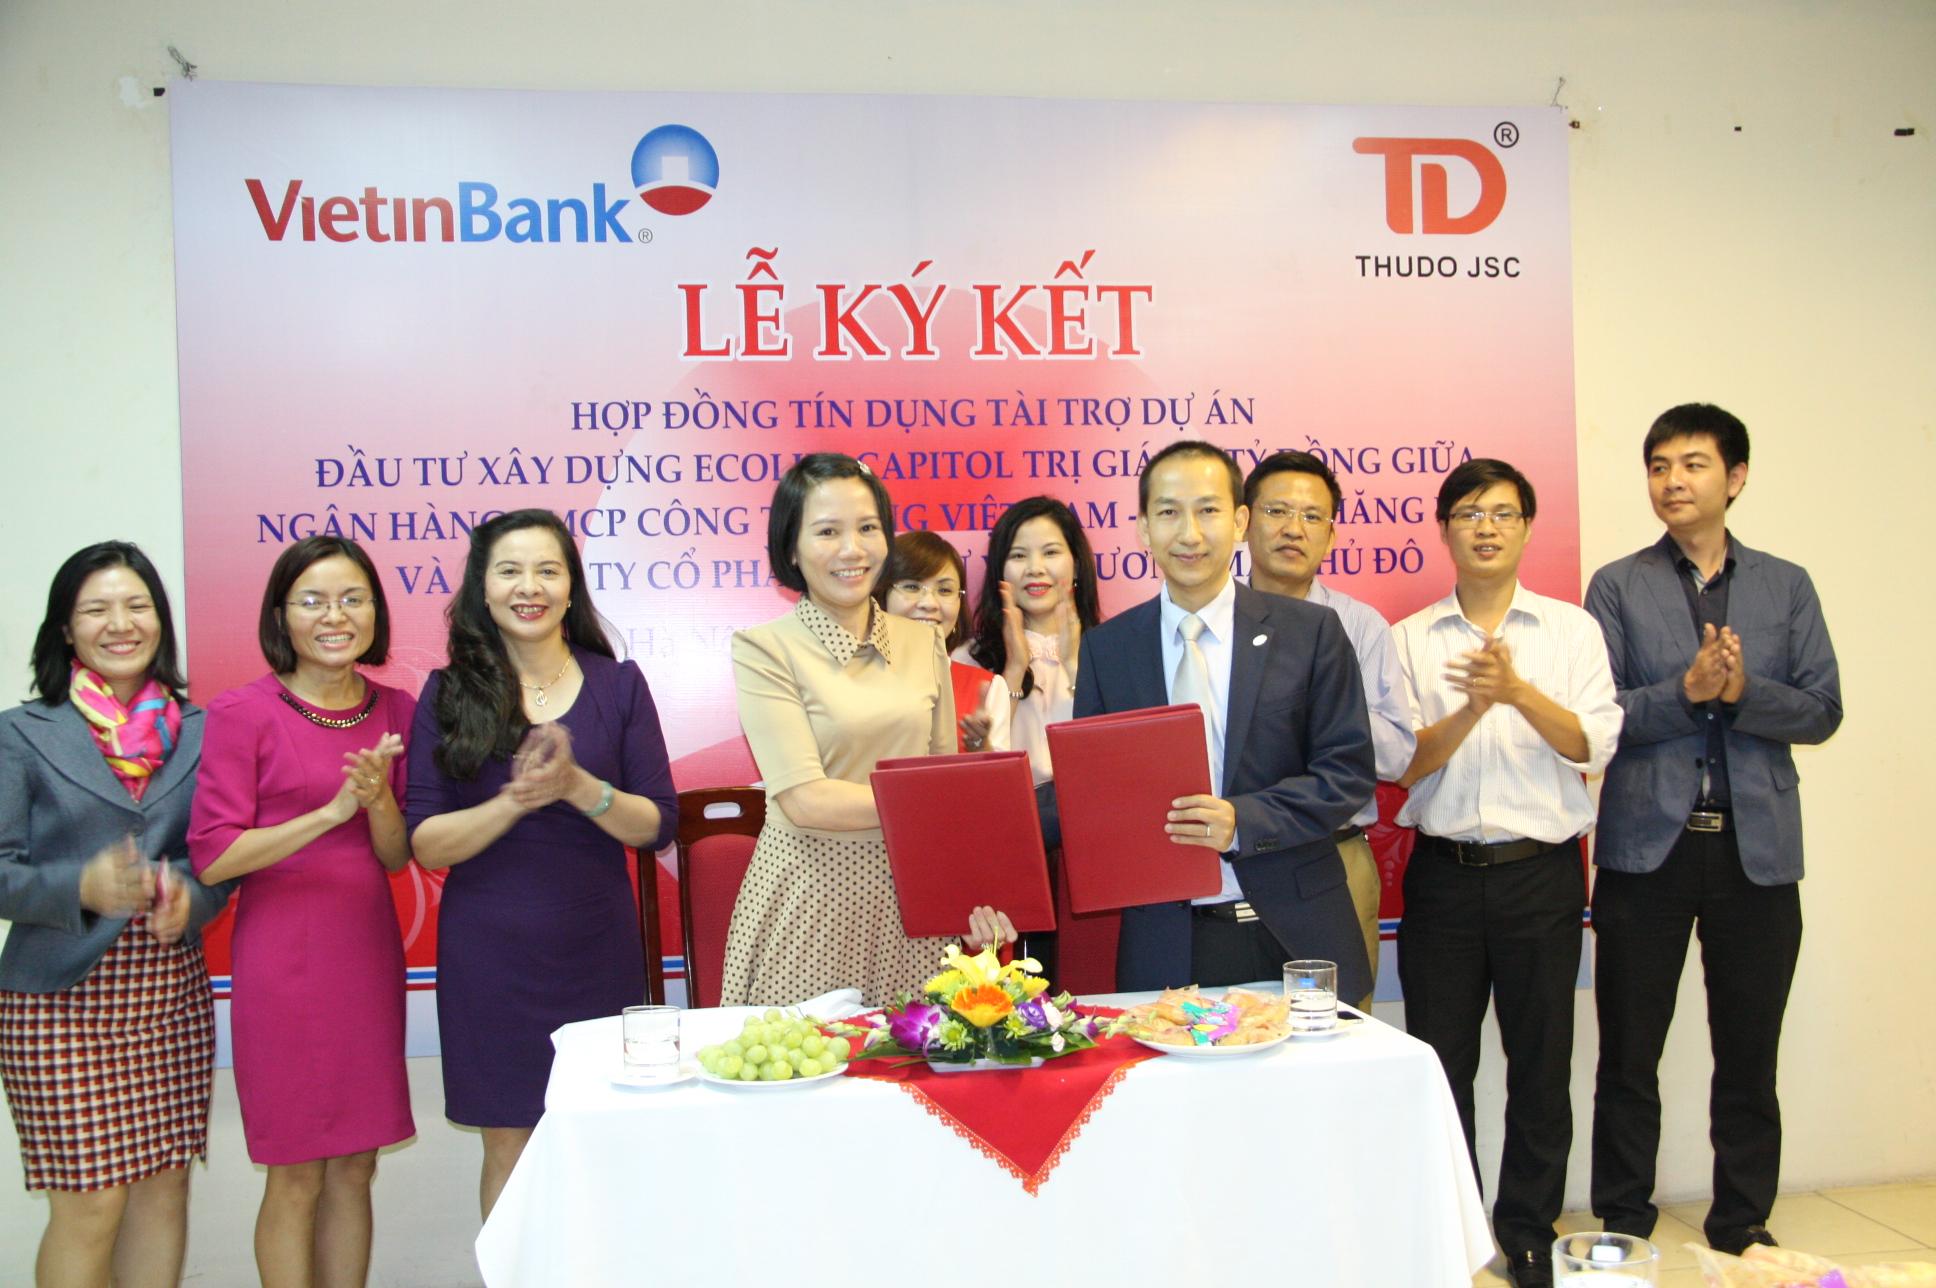 Ngân hàng VietinBank ký hợp đồng bảo lãnh cho dự án EcoLife Capitol